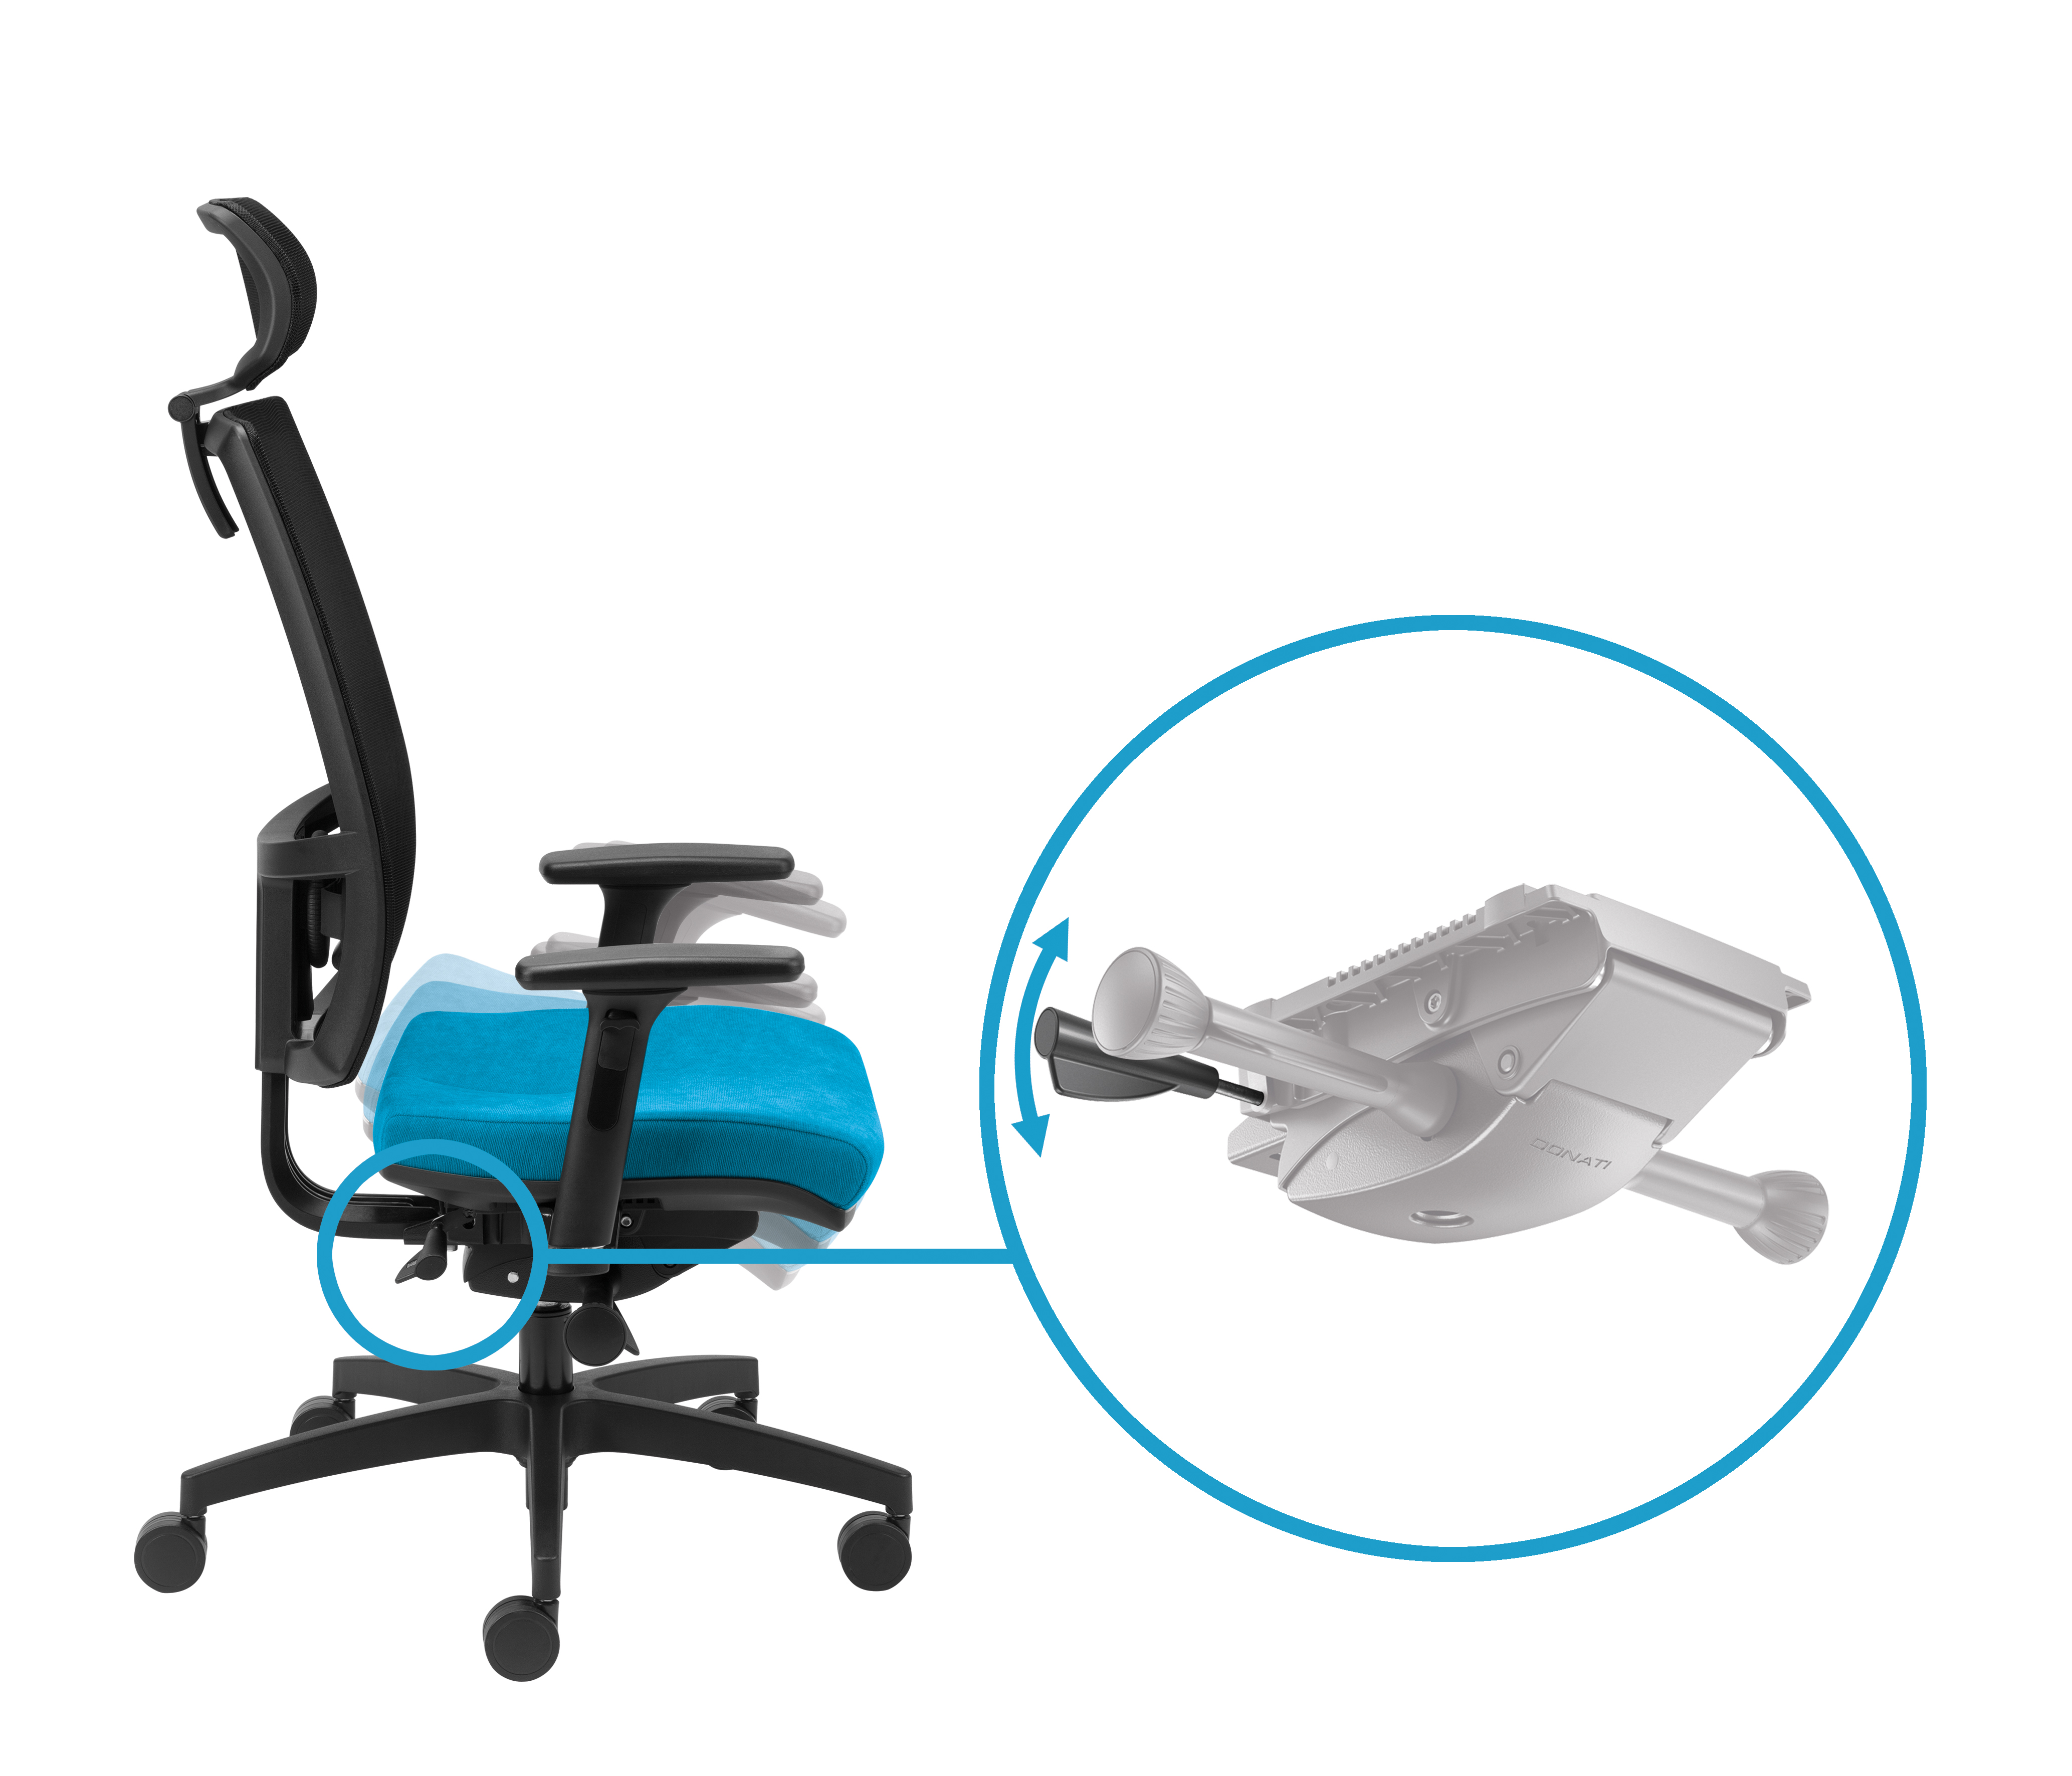 Regulacja kąta siedziska za pomocą prawej dźwigni